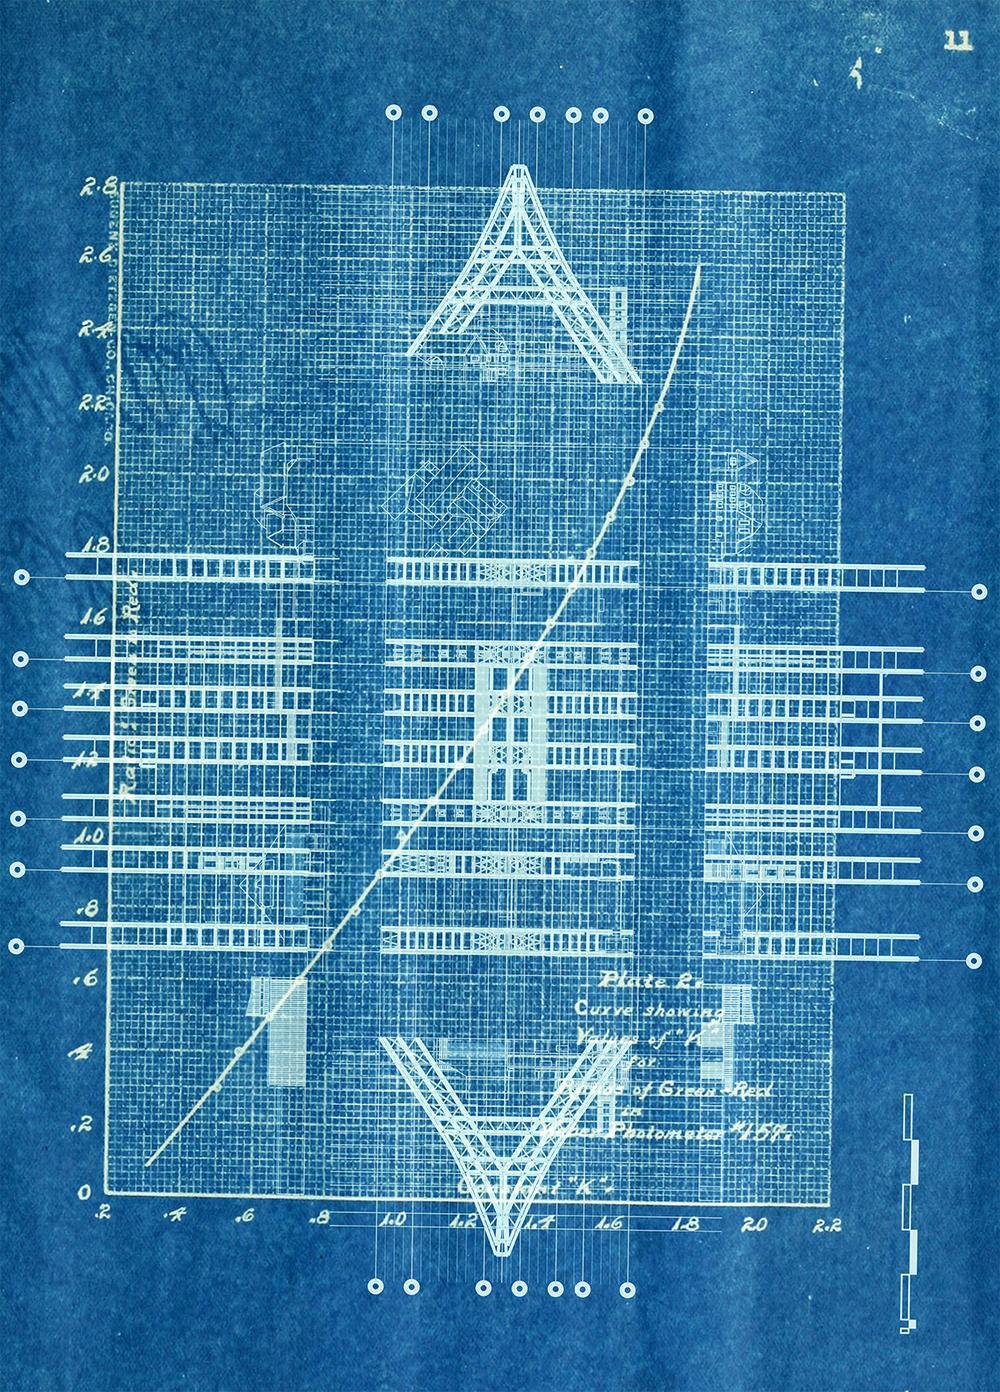 Trojan Horse Blueprint